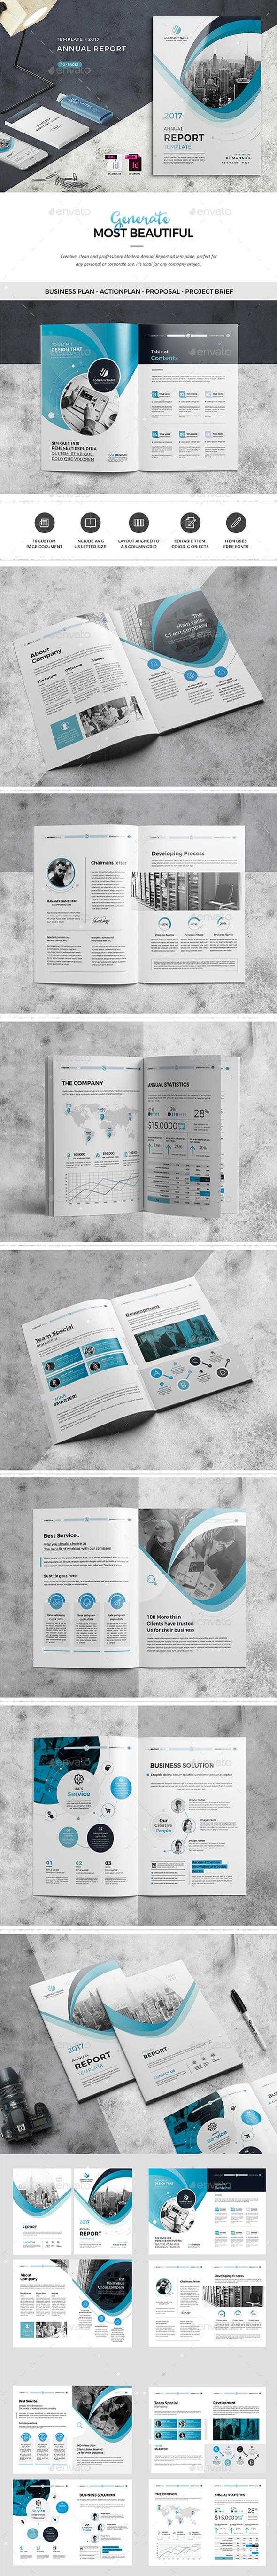 GraphicRiver Annual Report Template 20840239